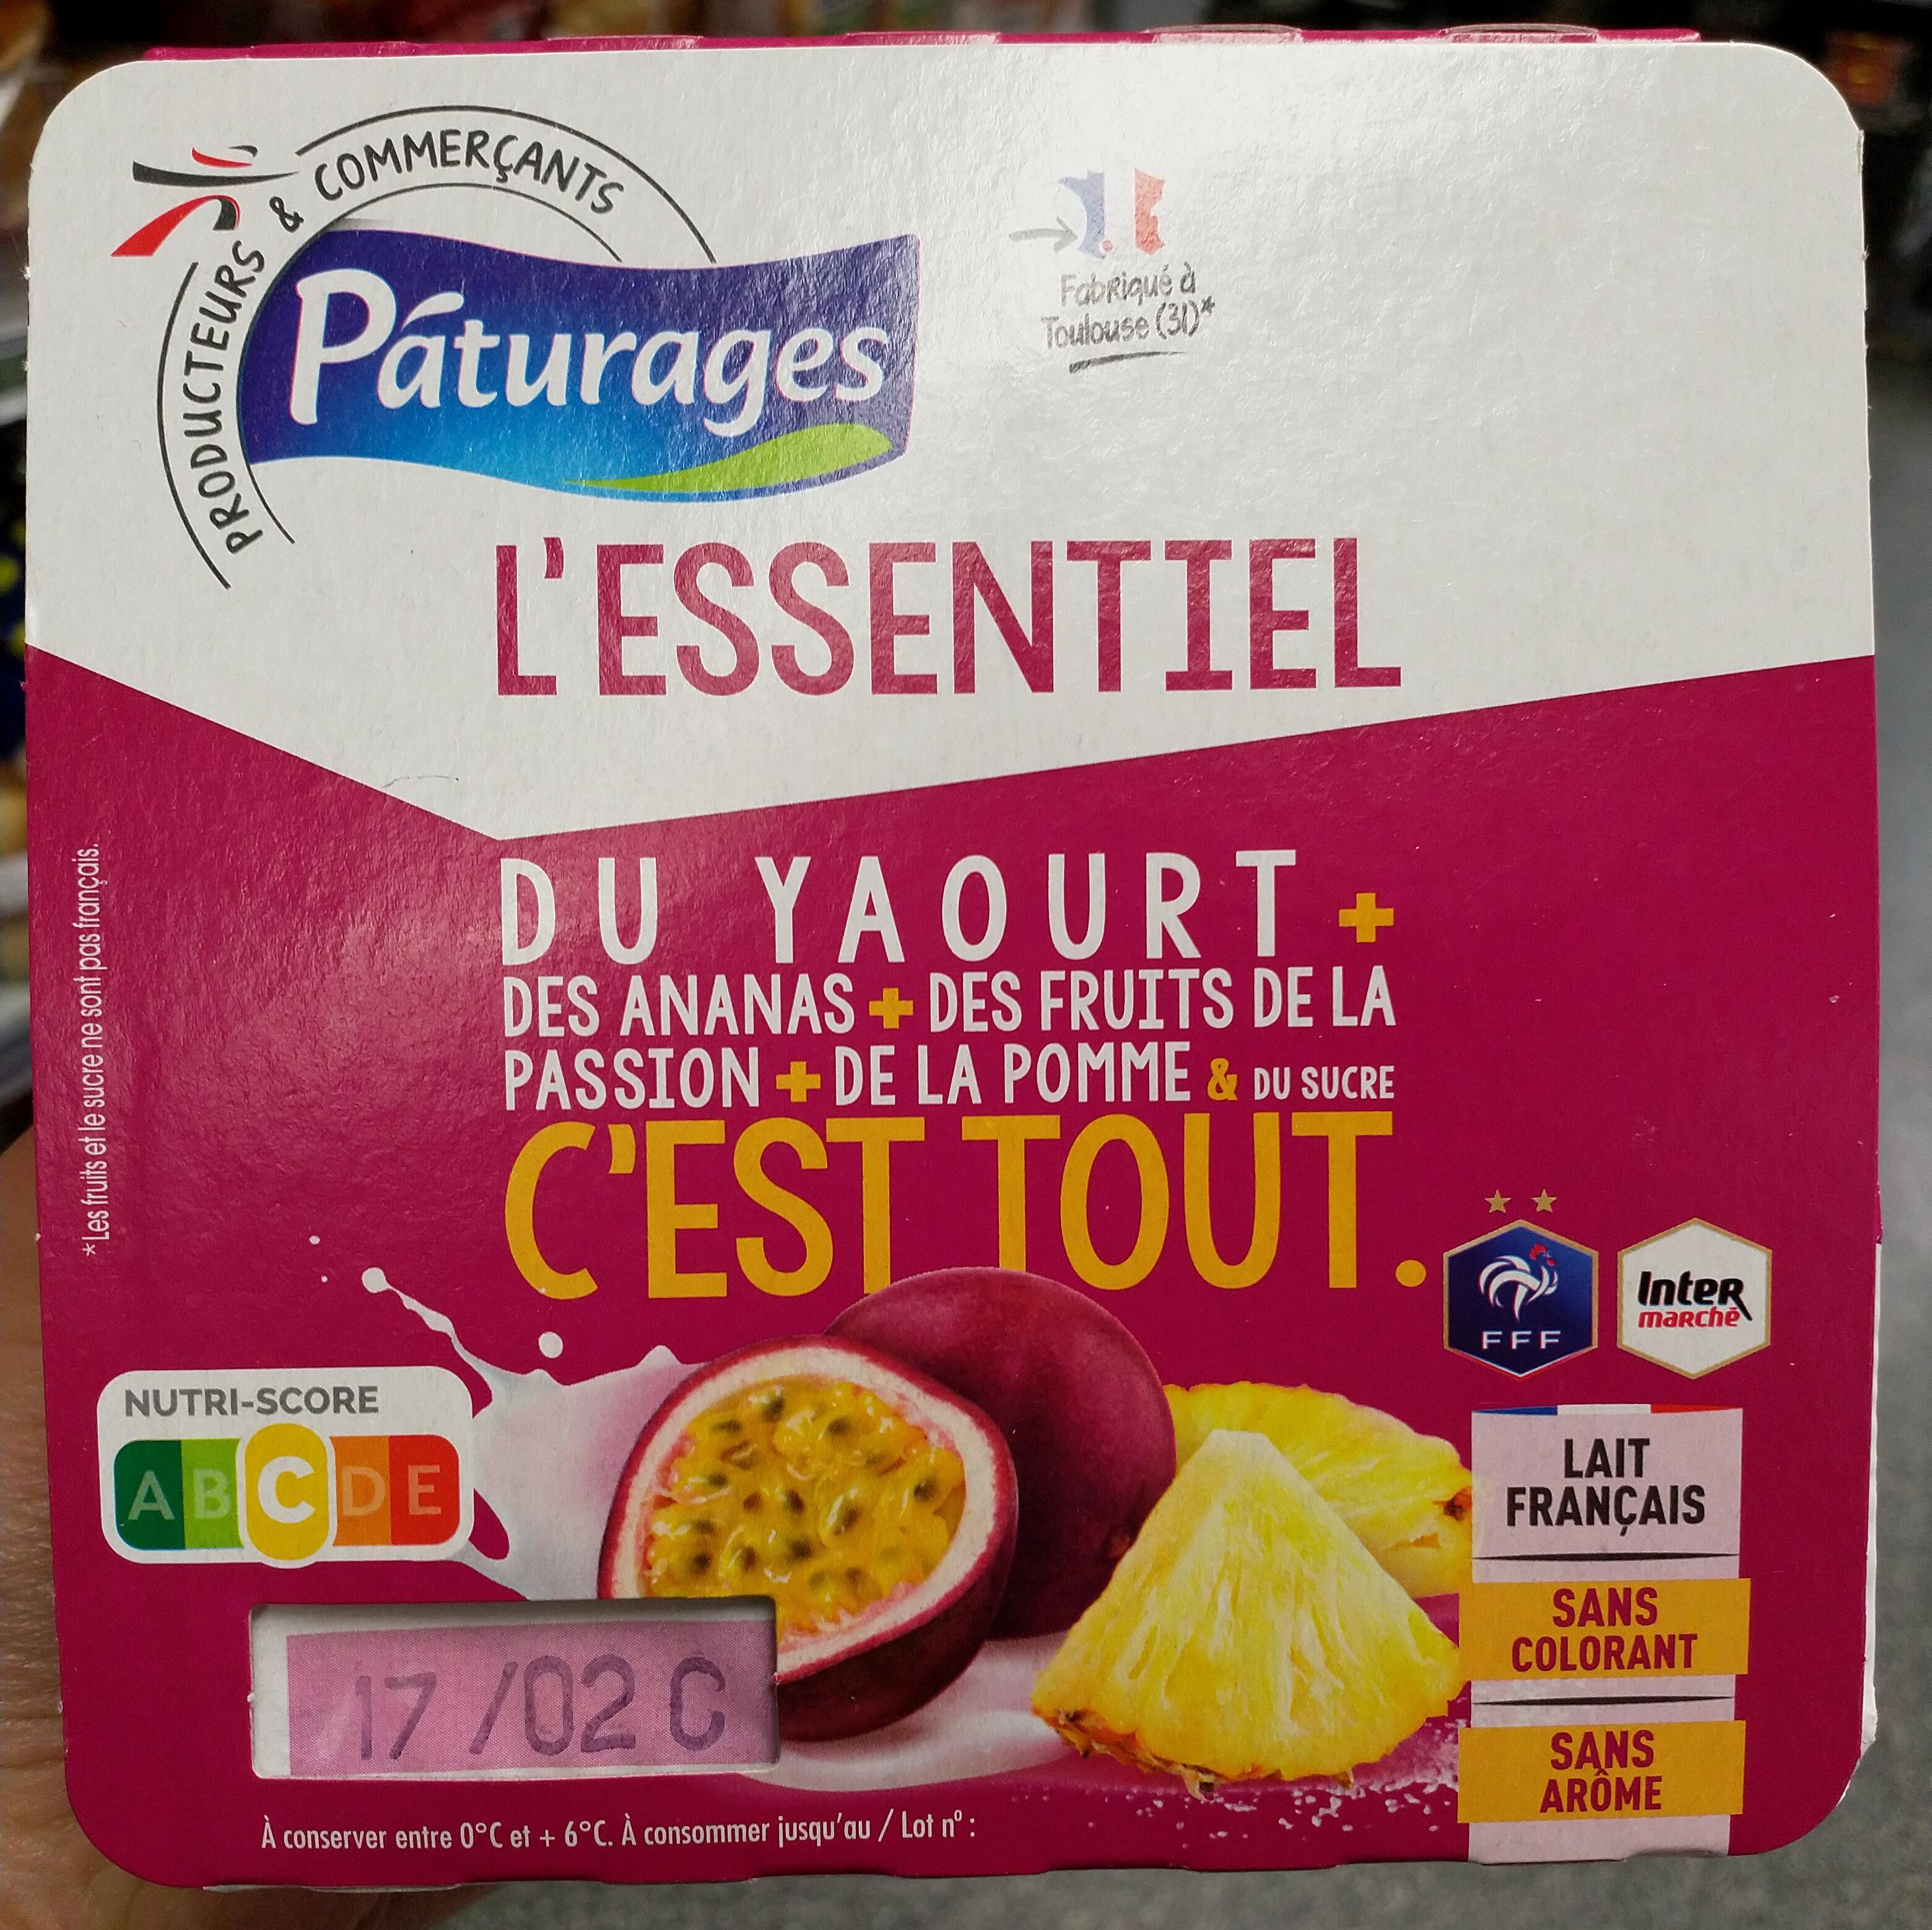 Du yaourt + des ananas + des fruits de la passion + de la pomme & du sucre c'est tout - Produit - fr